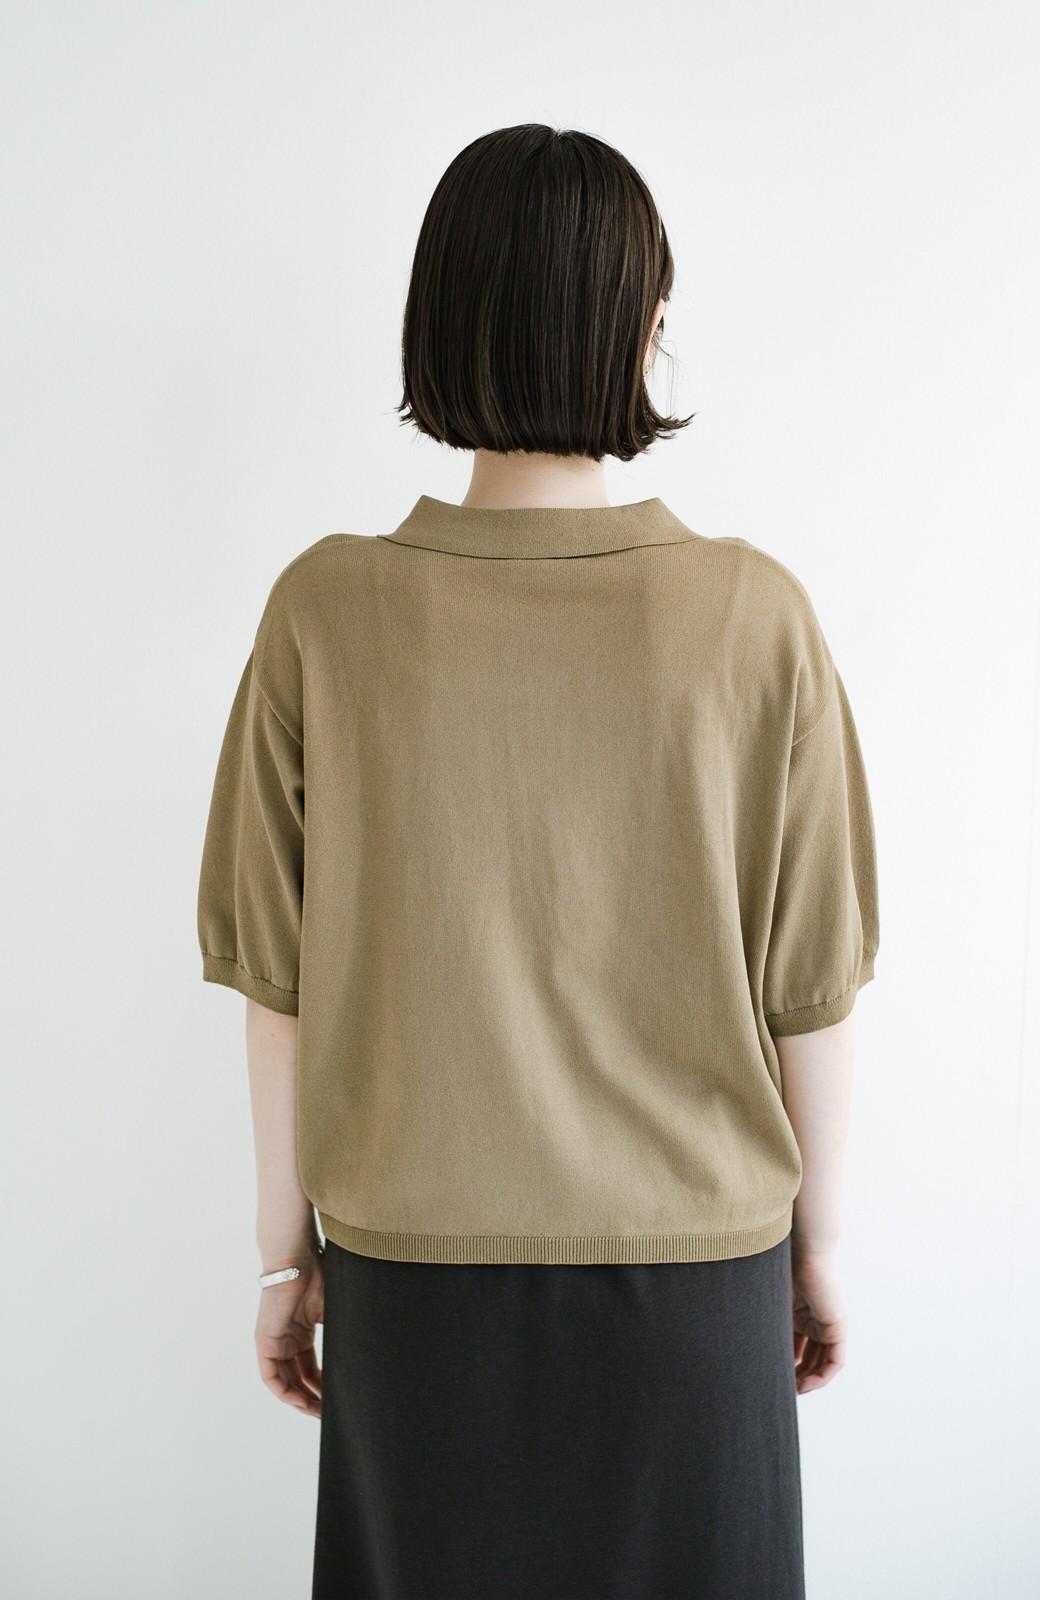 haco! Tシャツ代わりに着ておしゃれ気分が高まる 洗濯機で洗えるポロニットトップス <ベージュ>の商品写真15